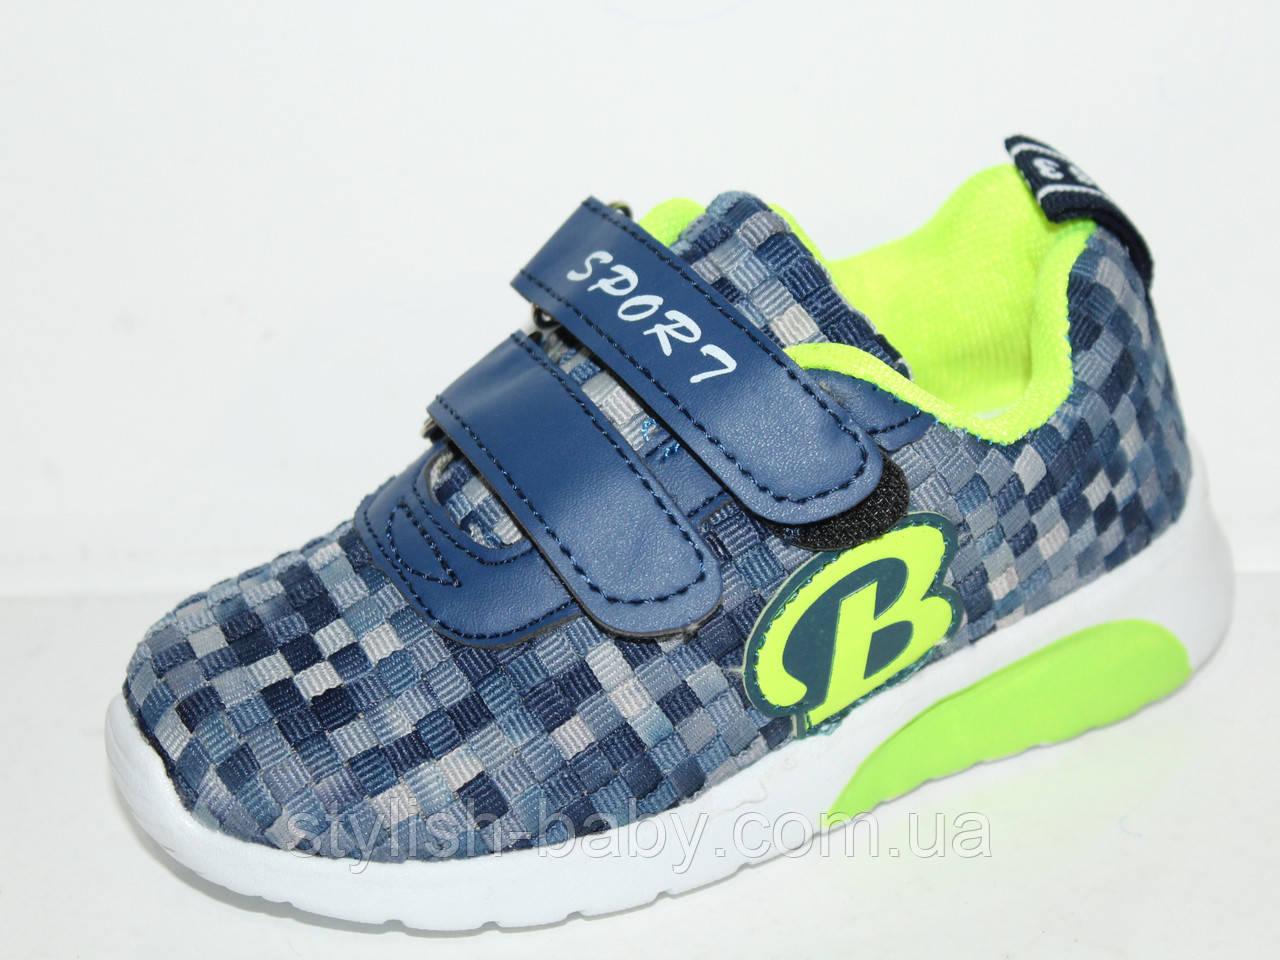 Детские кроссовки оптом. Детская спортивная обувь бренда Y.TOP для  мальчиков (рр. с 26 по 31) 360e797cbef